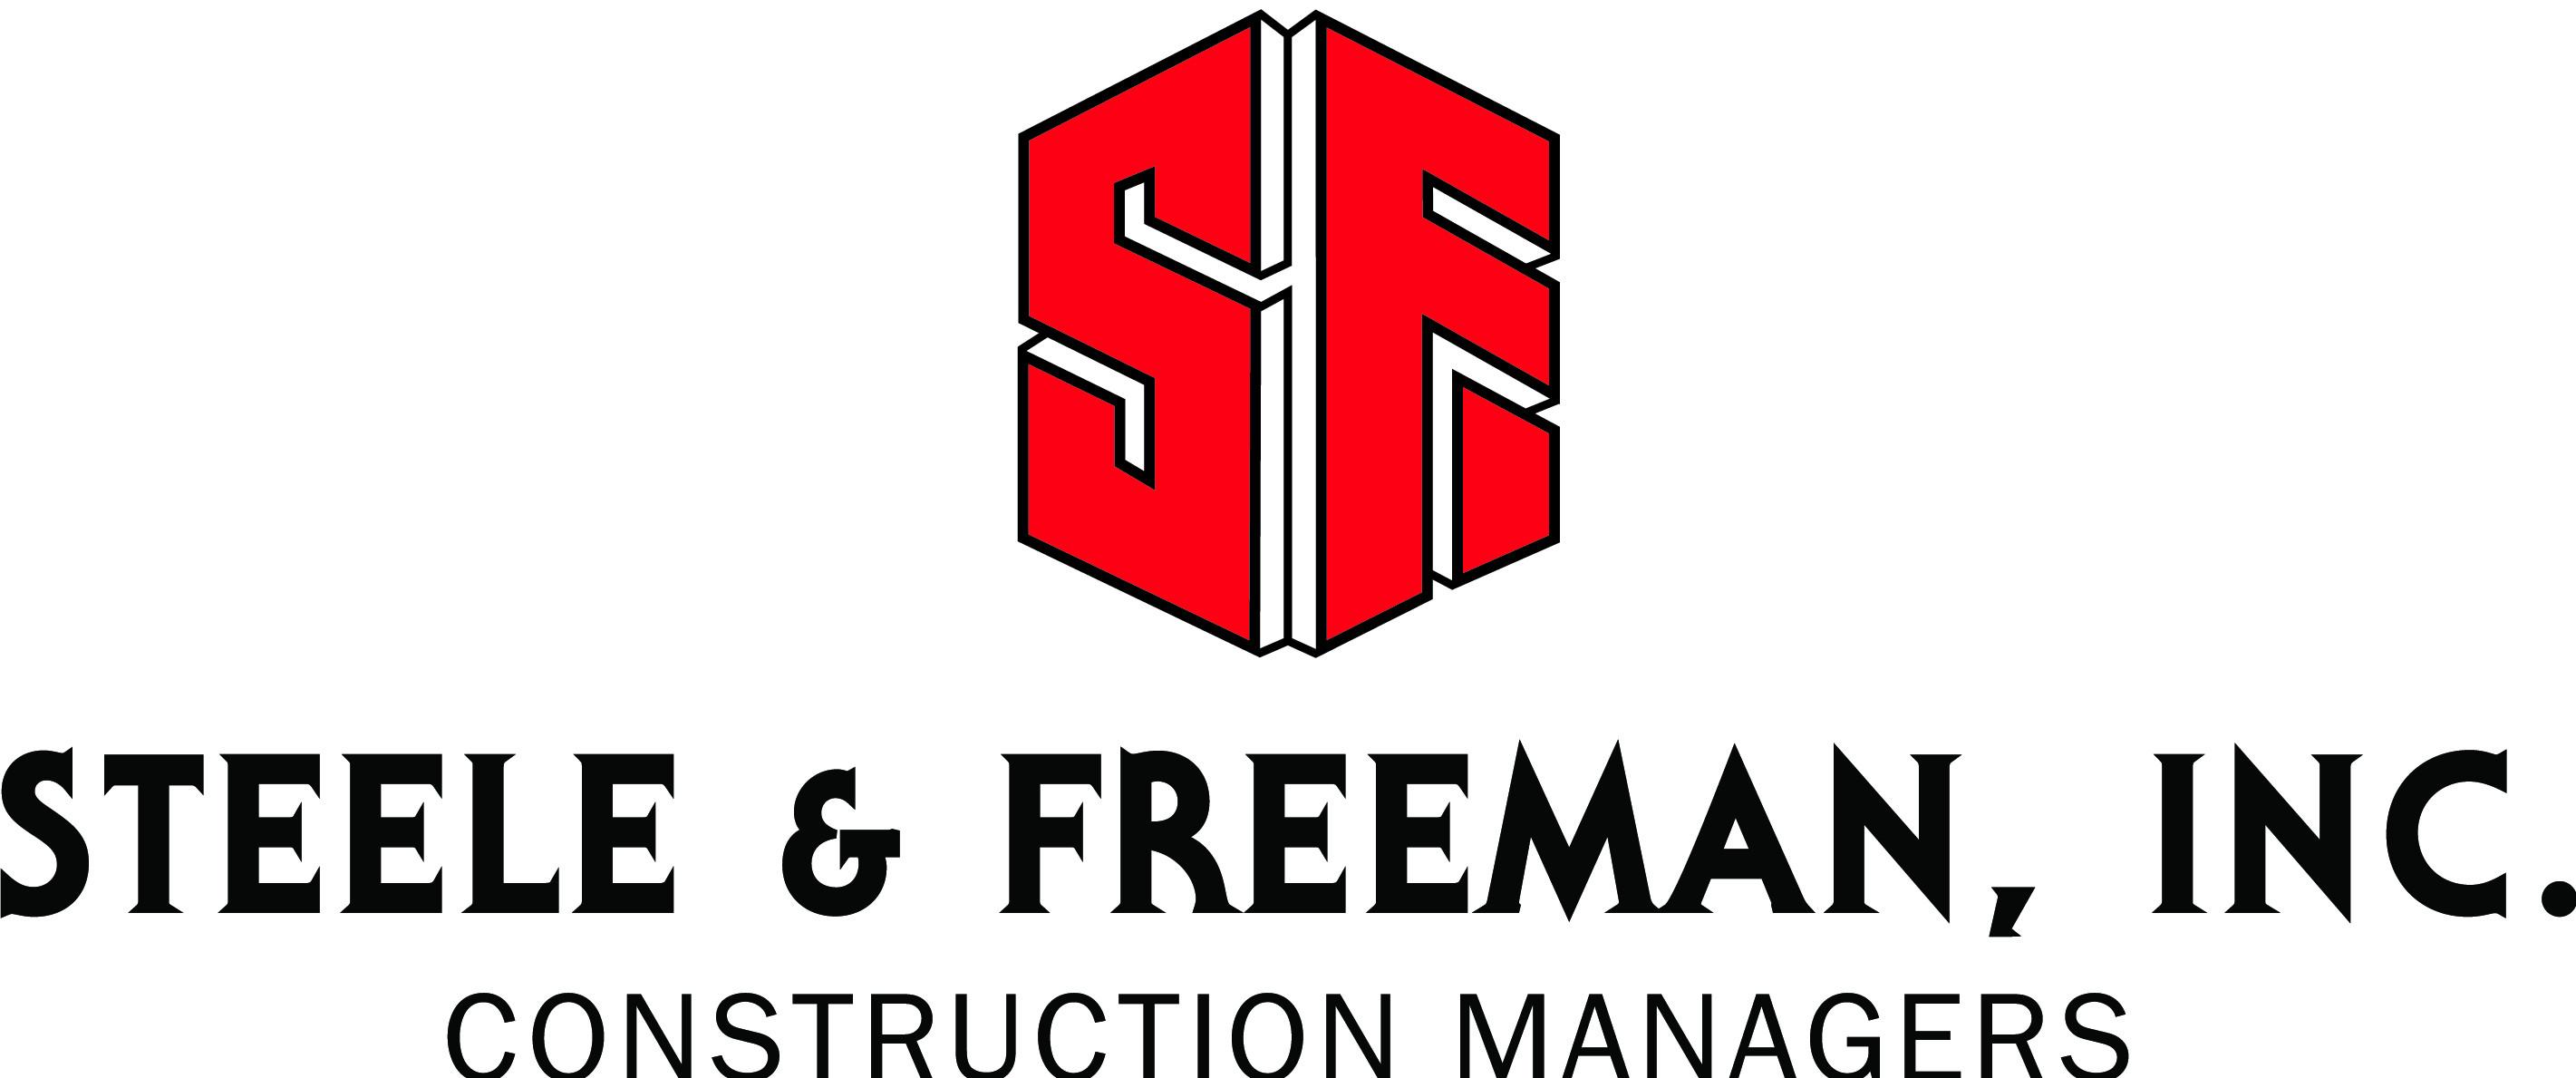 Steele & Freeman